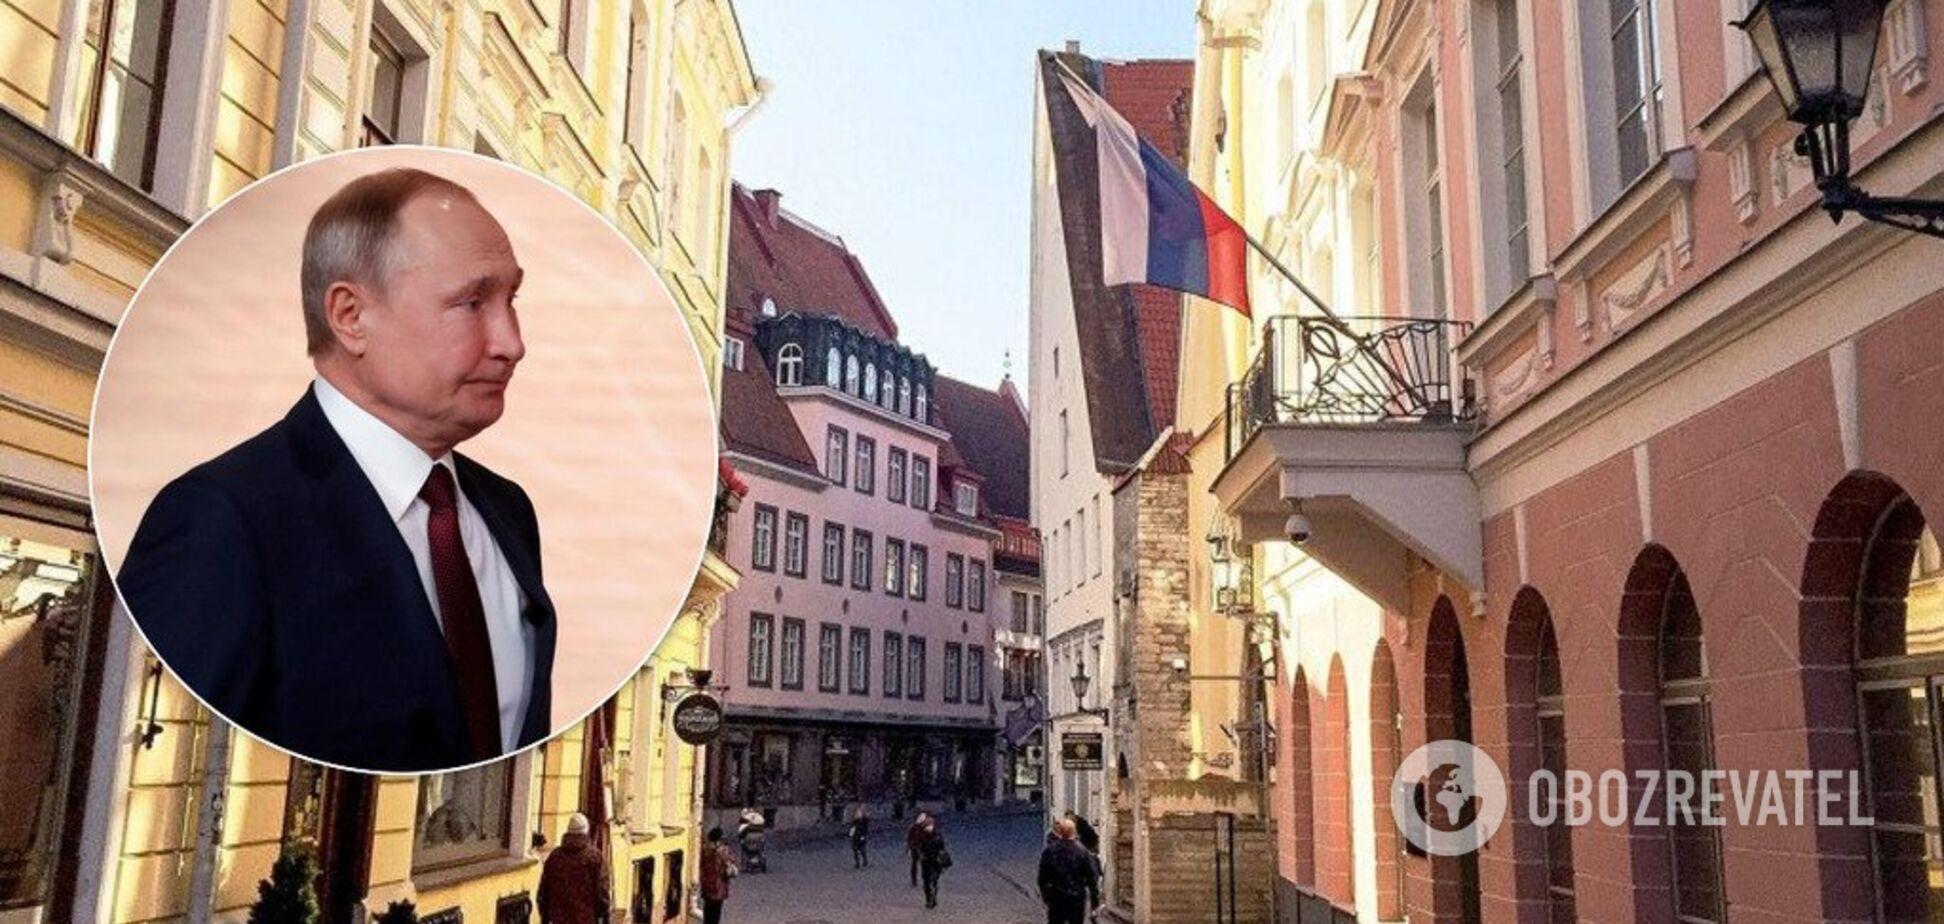 Естонія має право вимагати у РФ території – історик